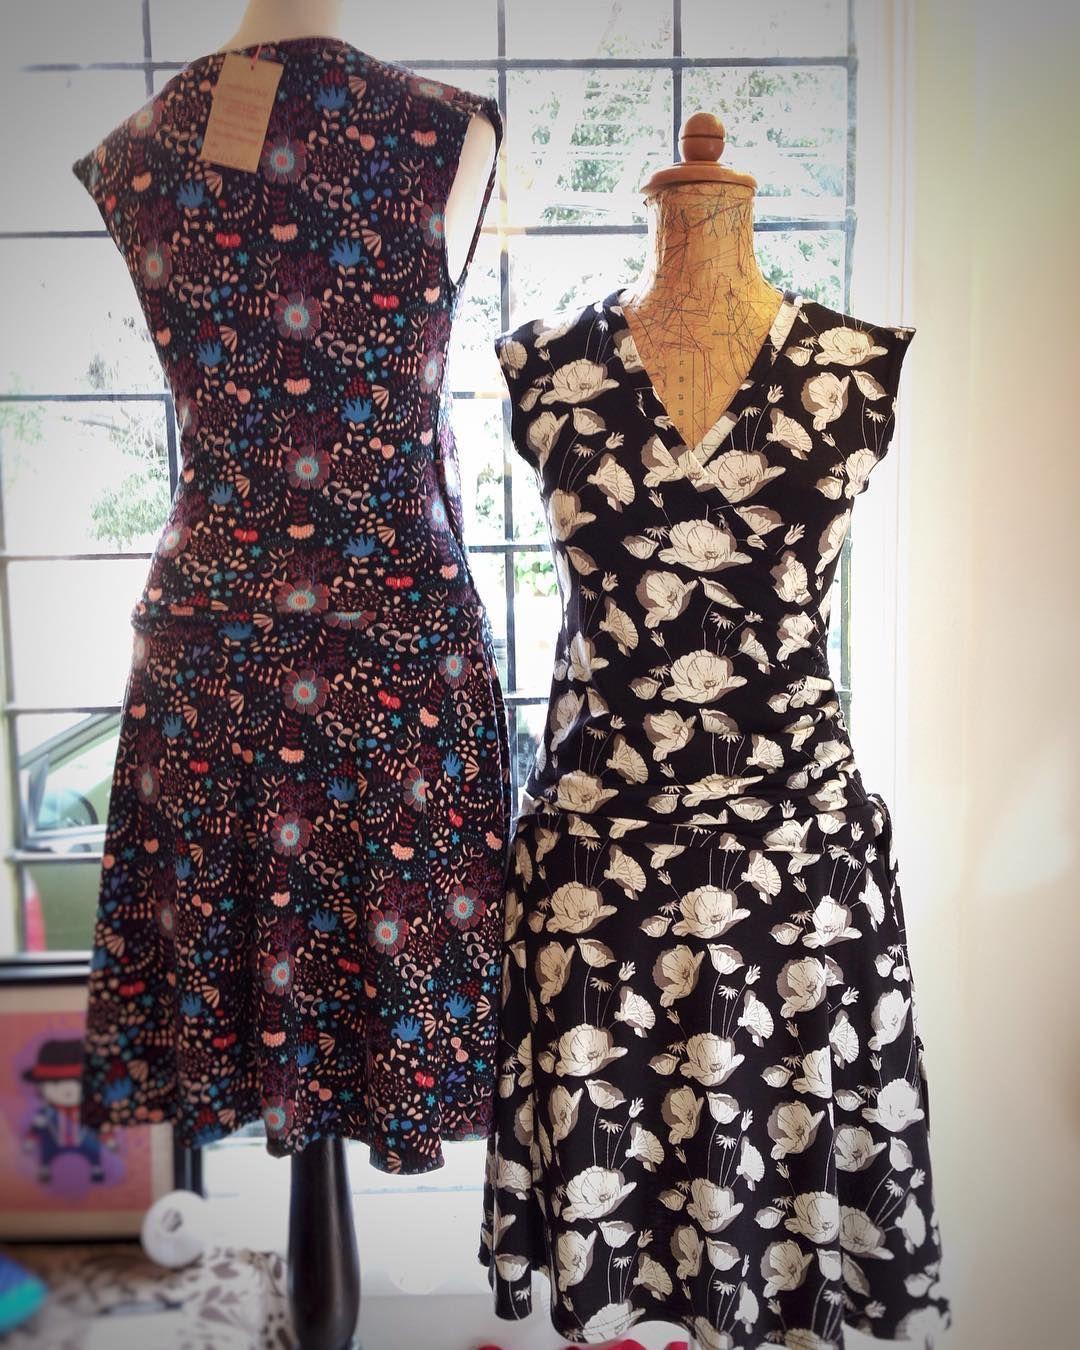 Vestidos floreados esperando la primavera! Tenemos tallas y más diseños. #primavera #vestido #hechoamano